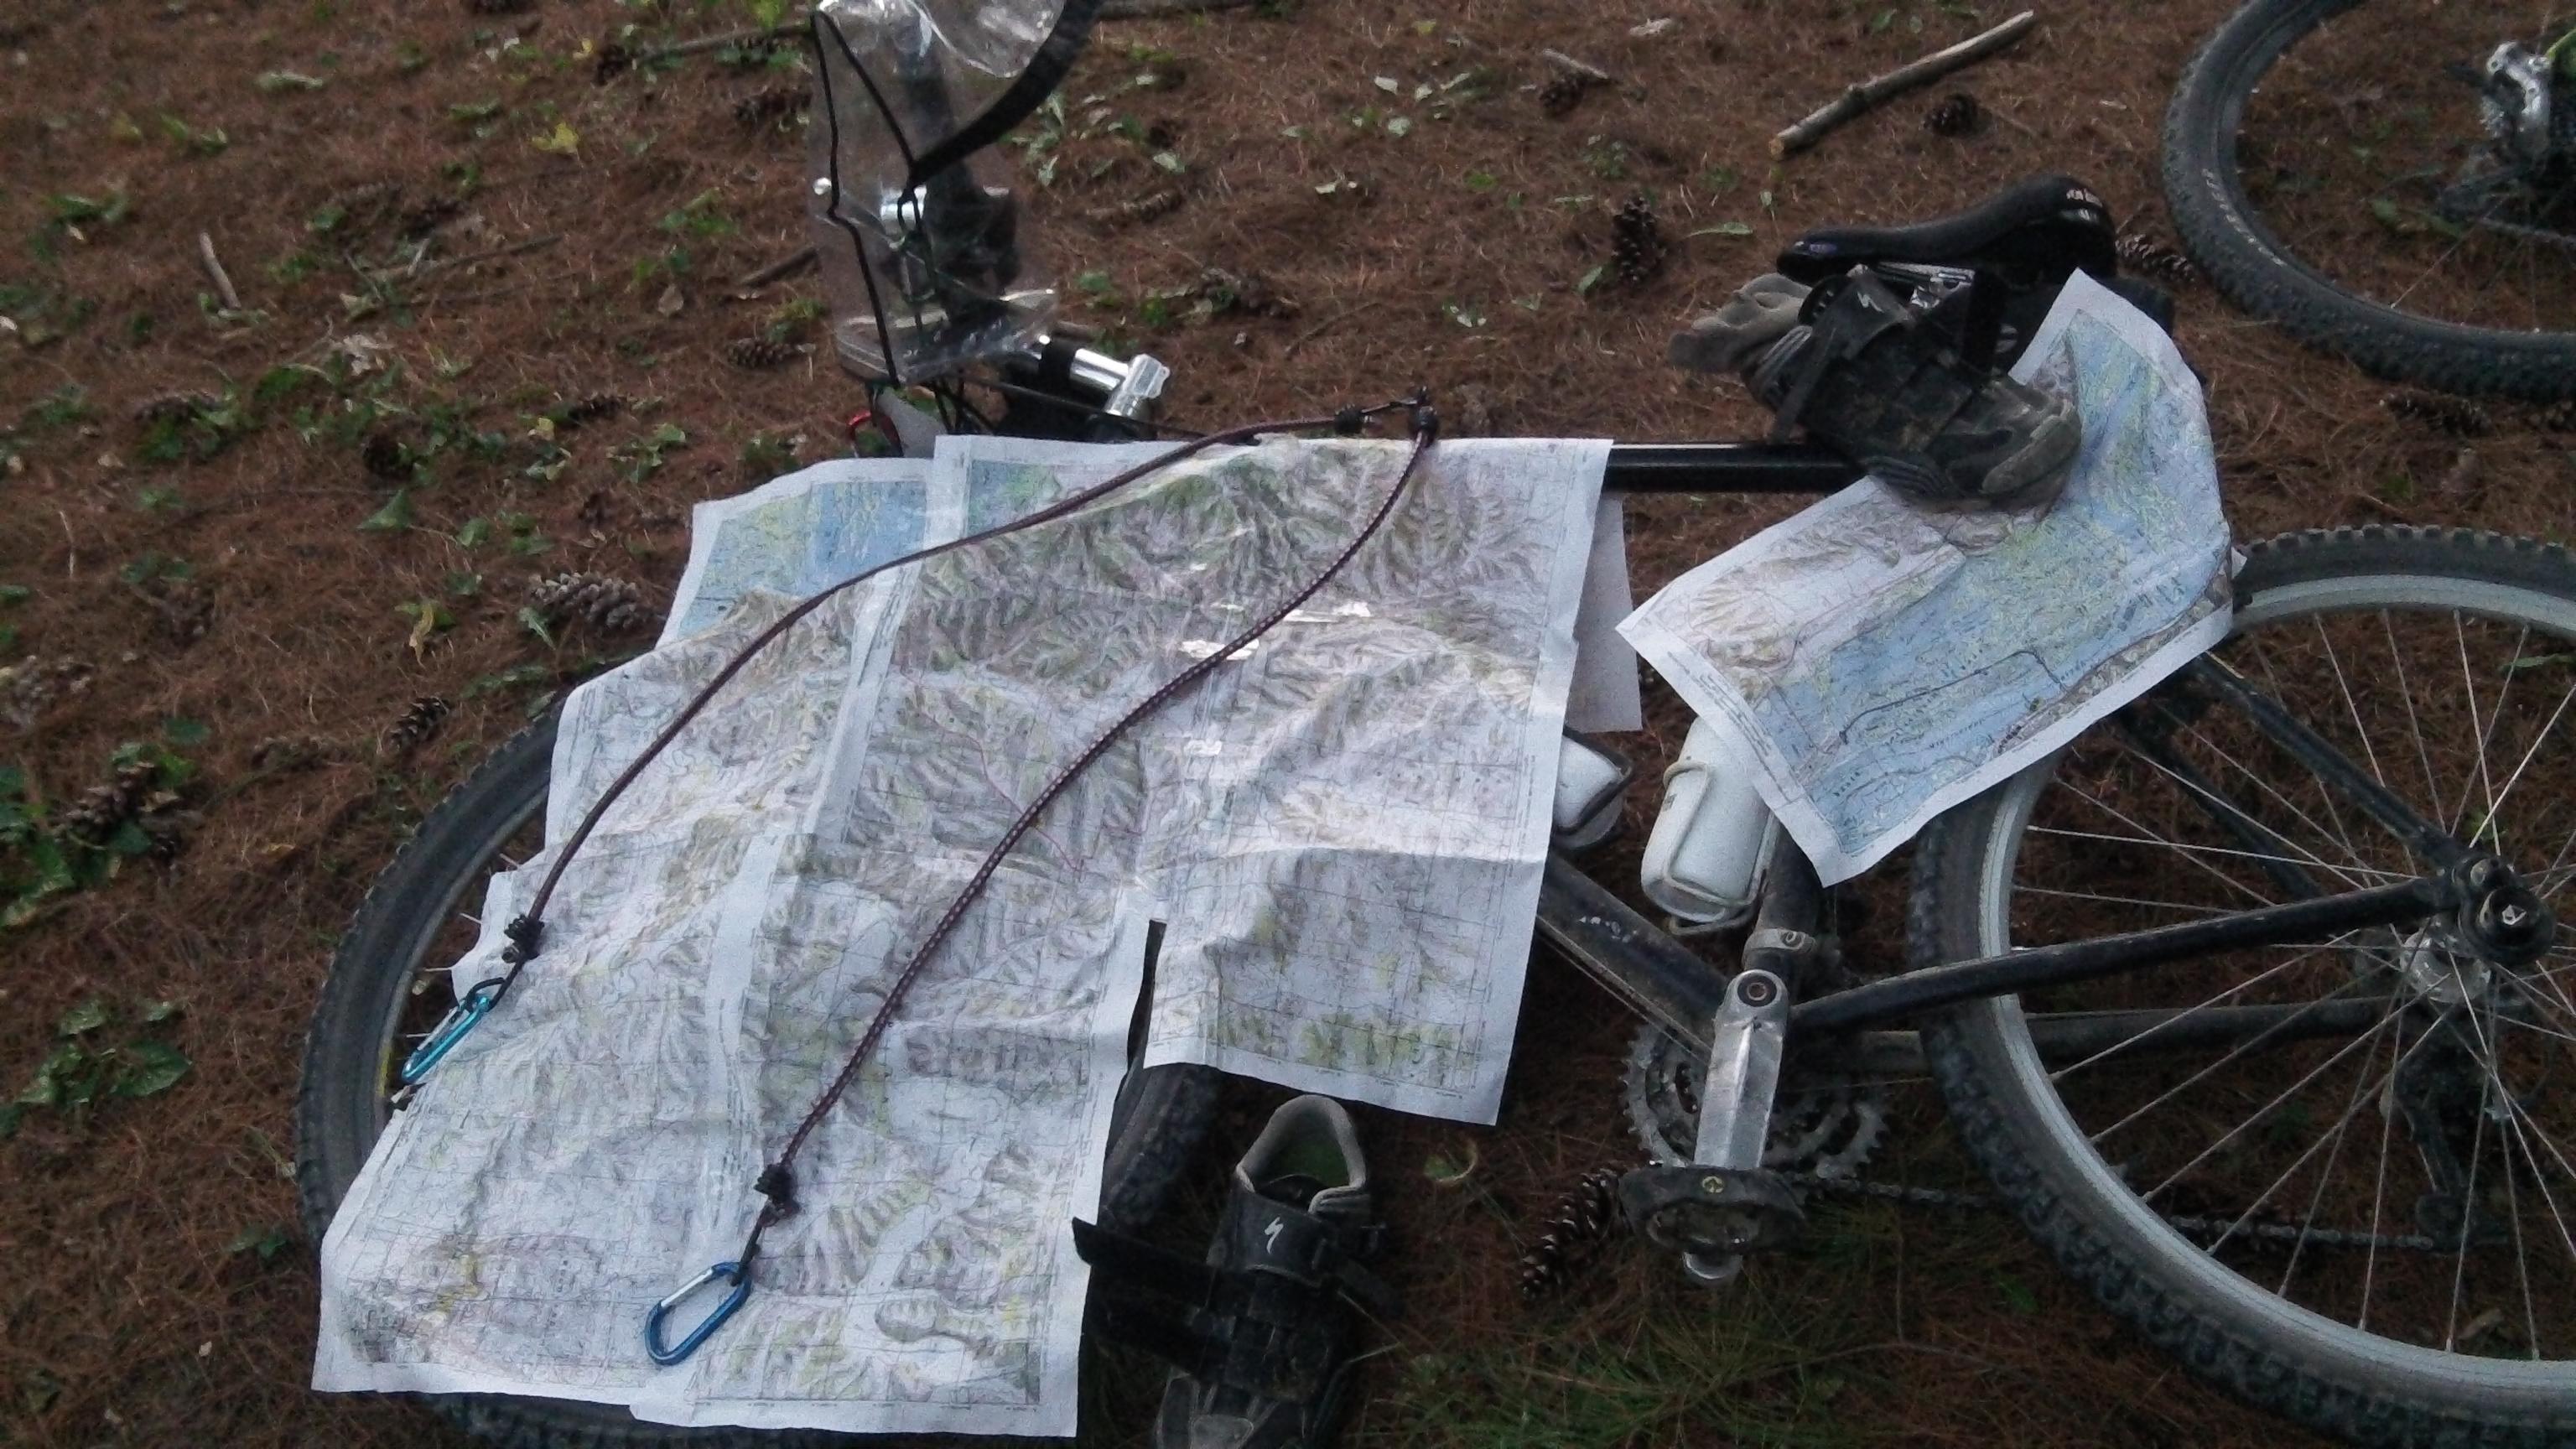 Wet maps at an adventure race